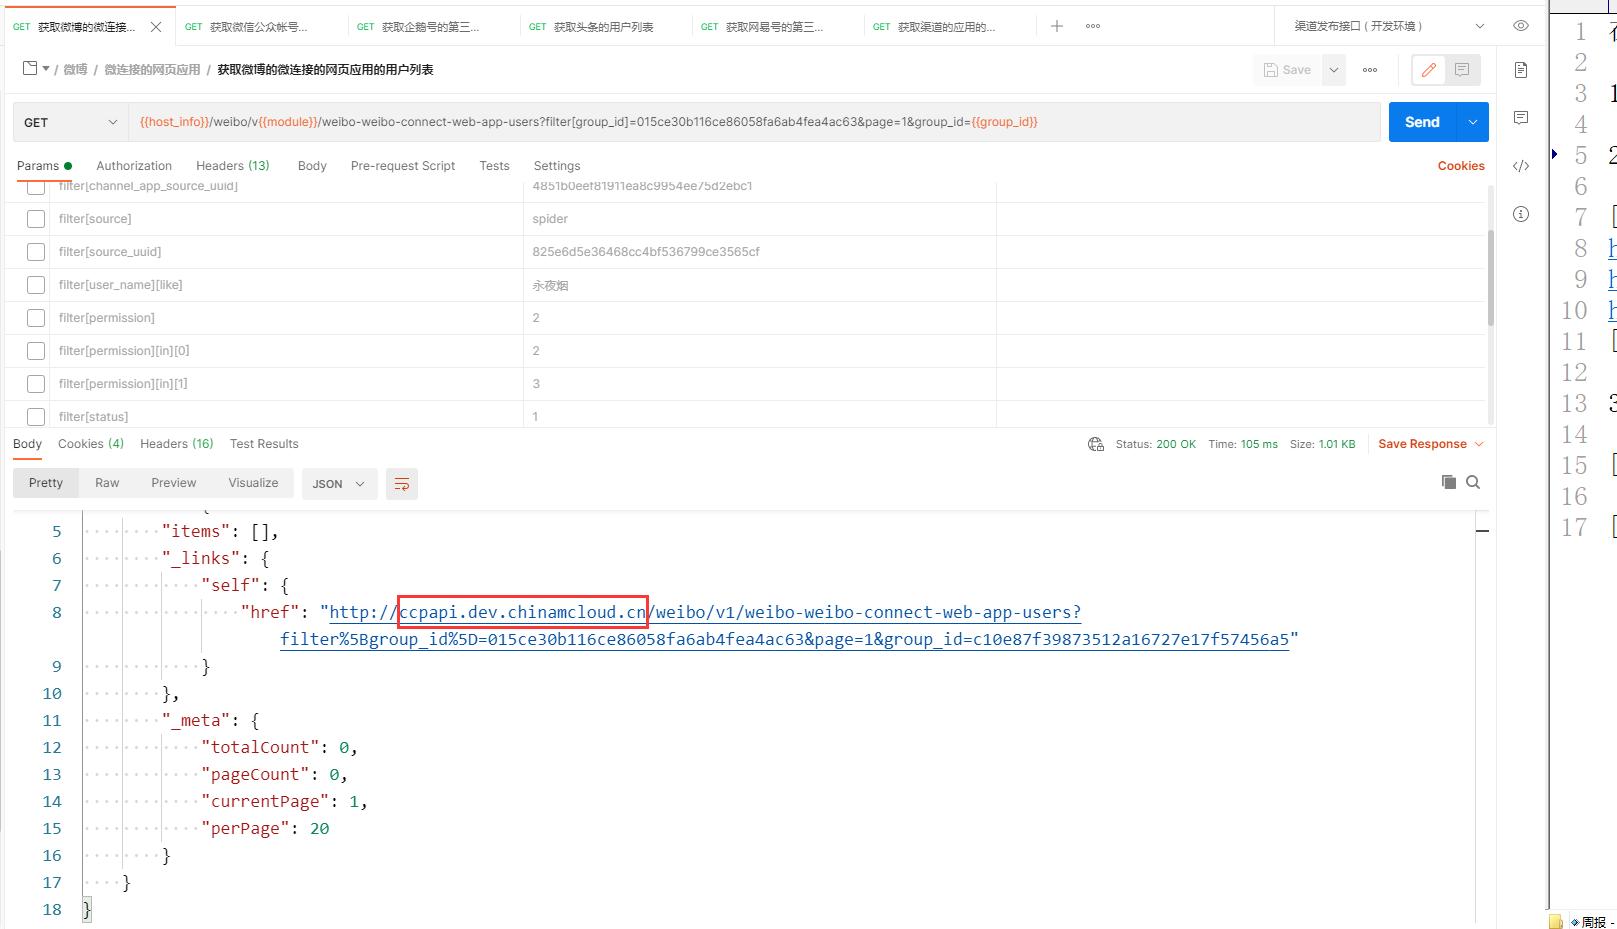 现有的规划。一个服务的容器中包含 3 个应用,其端口皆配置为 80 ,基于域名区分。调用:https://ccpapi.dev.chinamcloud.cn 。